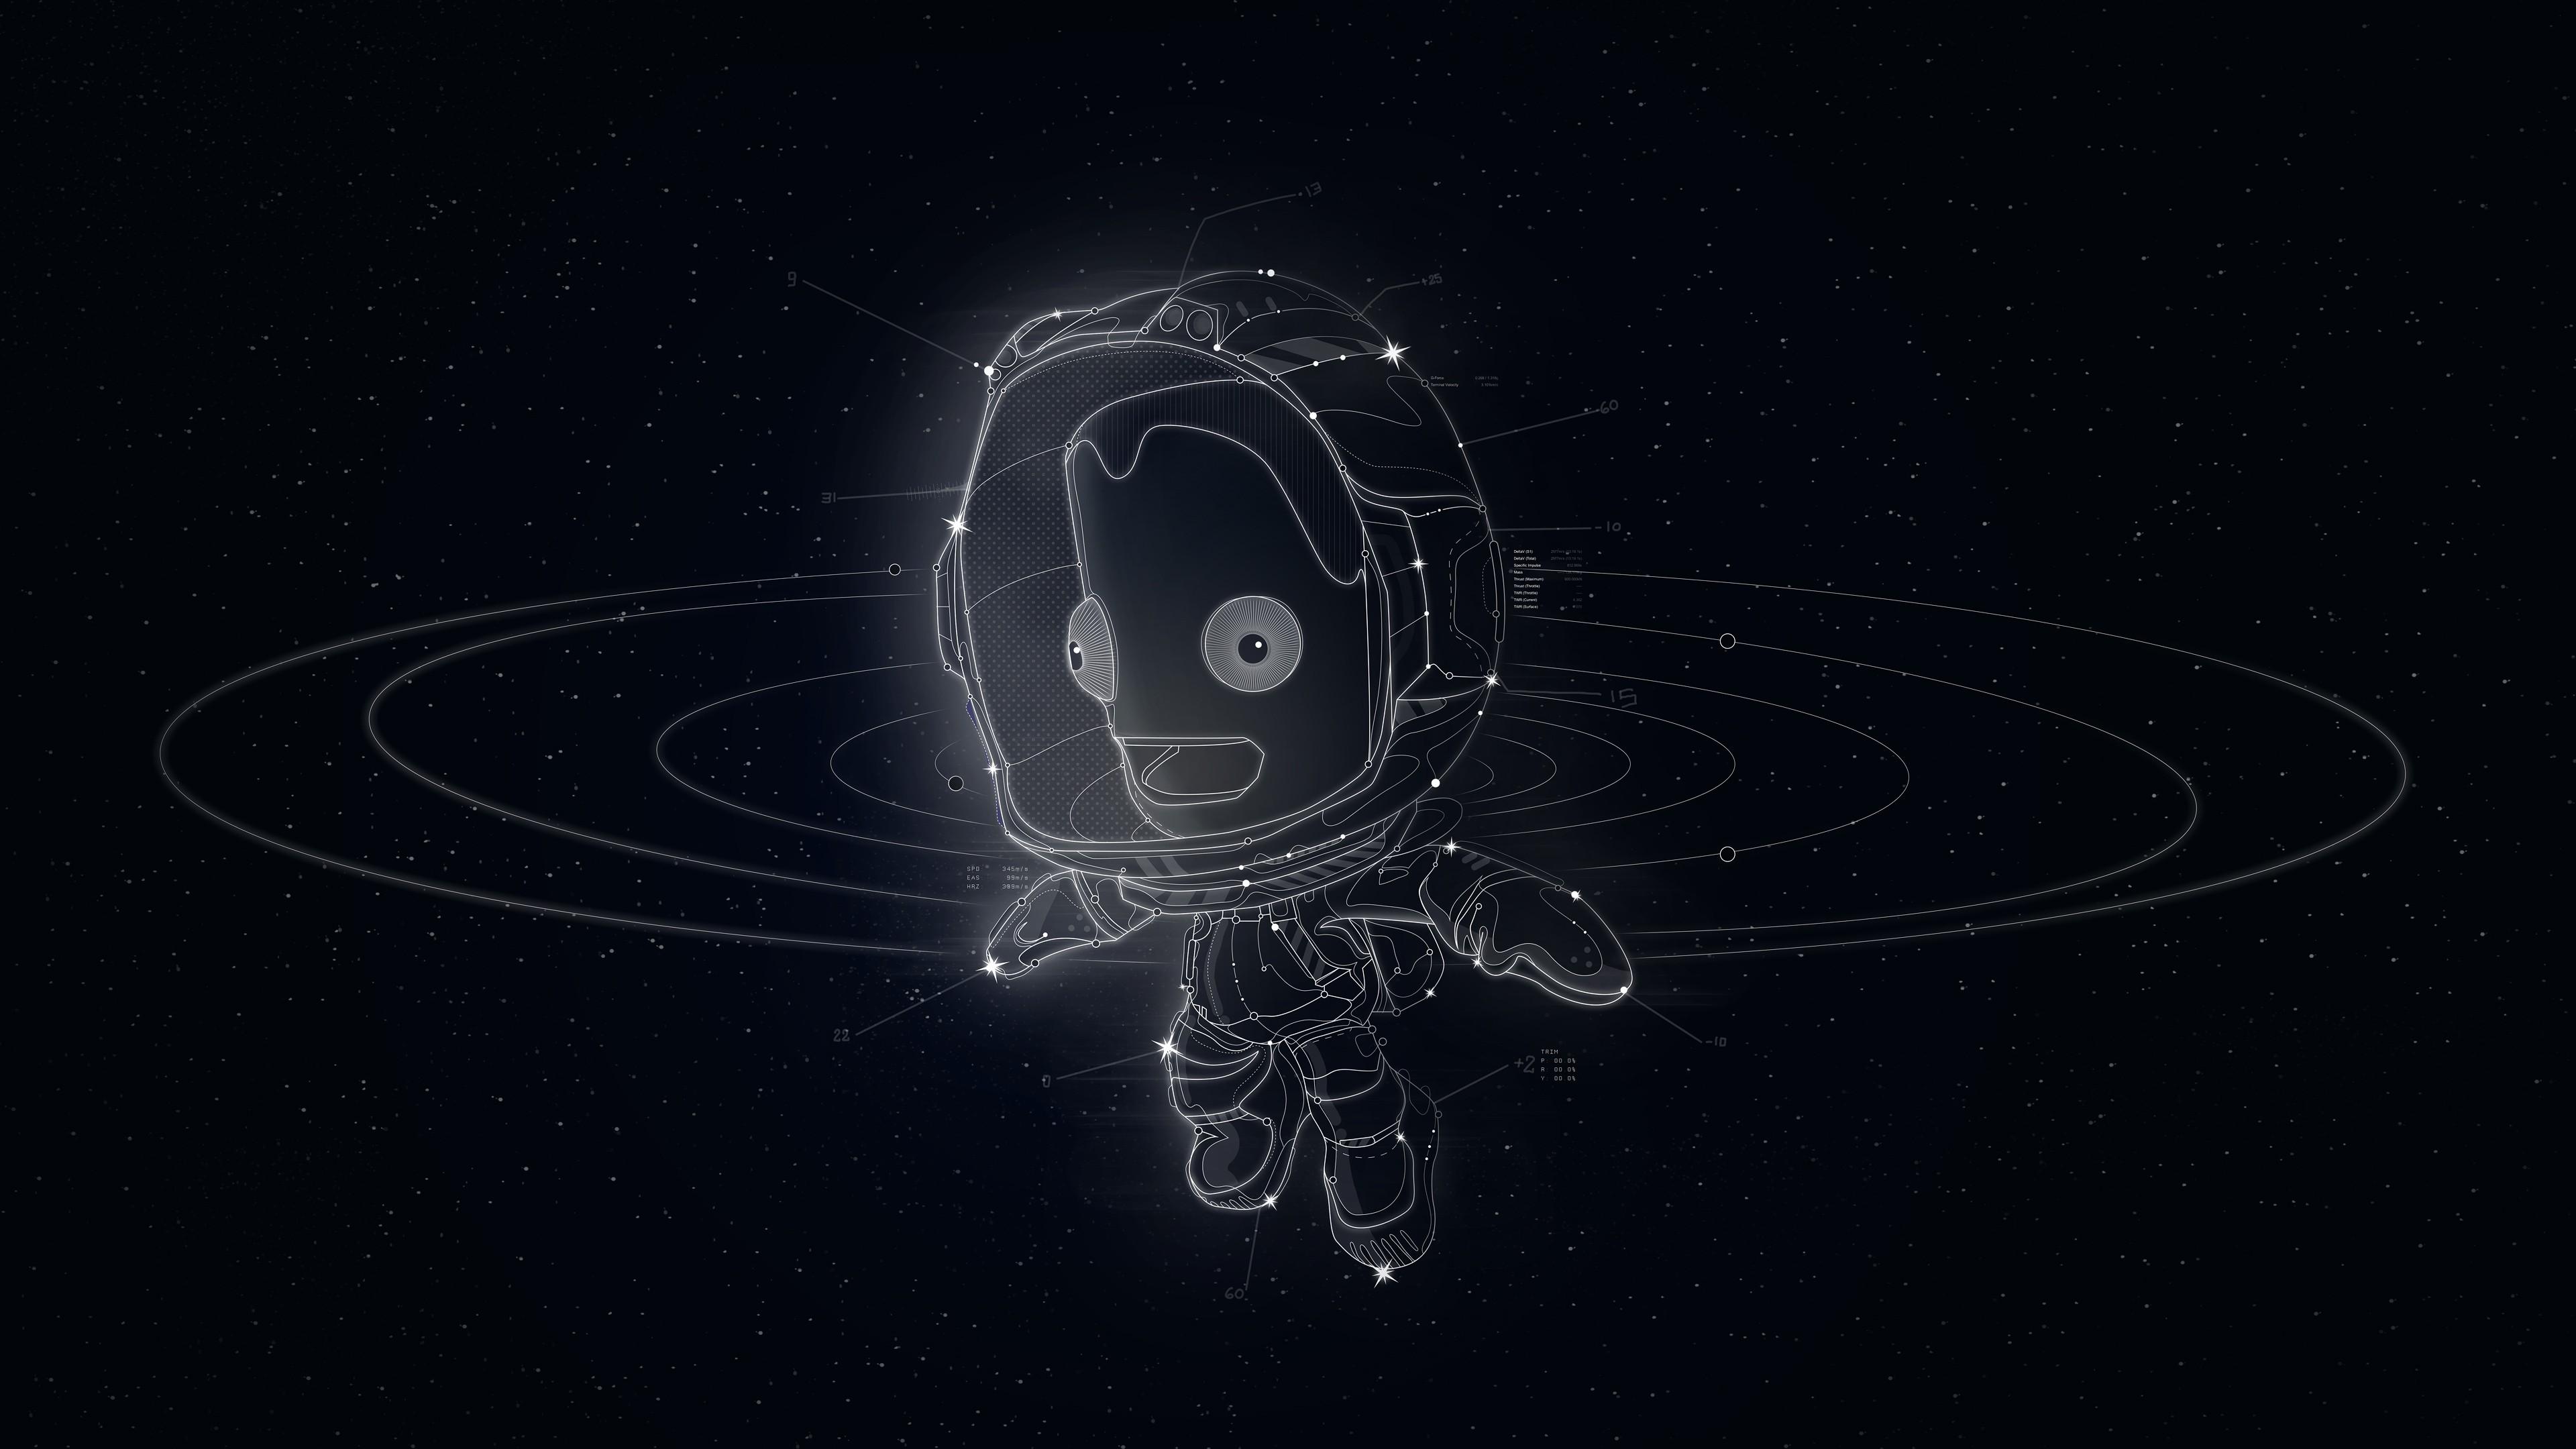 Kerbal space program hd cartoons 4k wallpapers images - Wallpaper kerbal space program ...